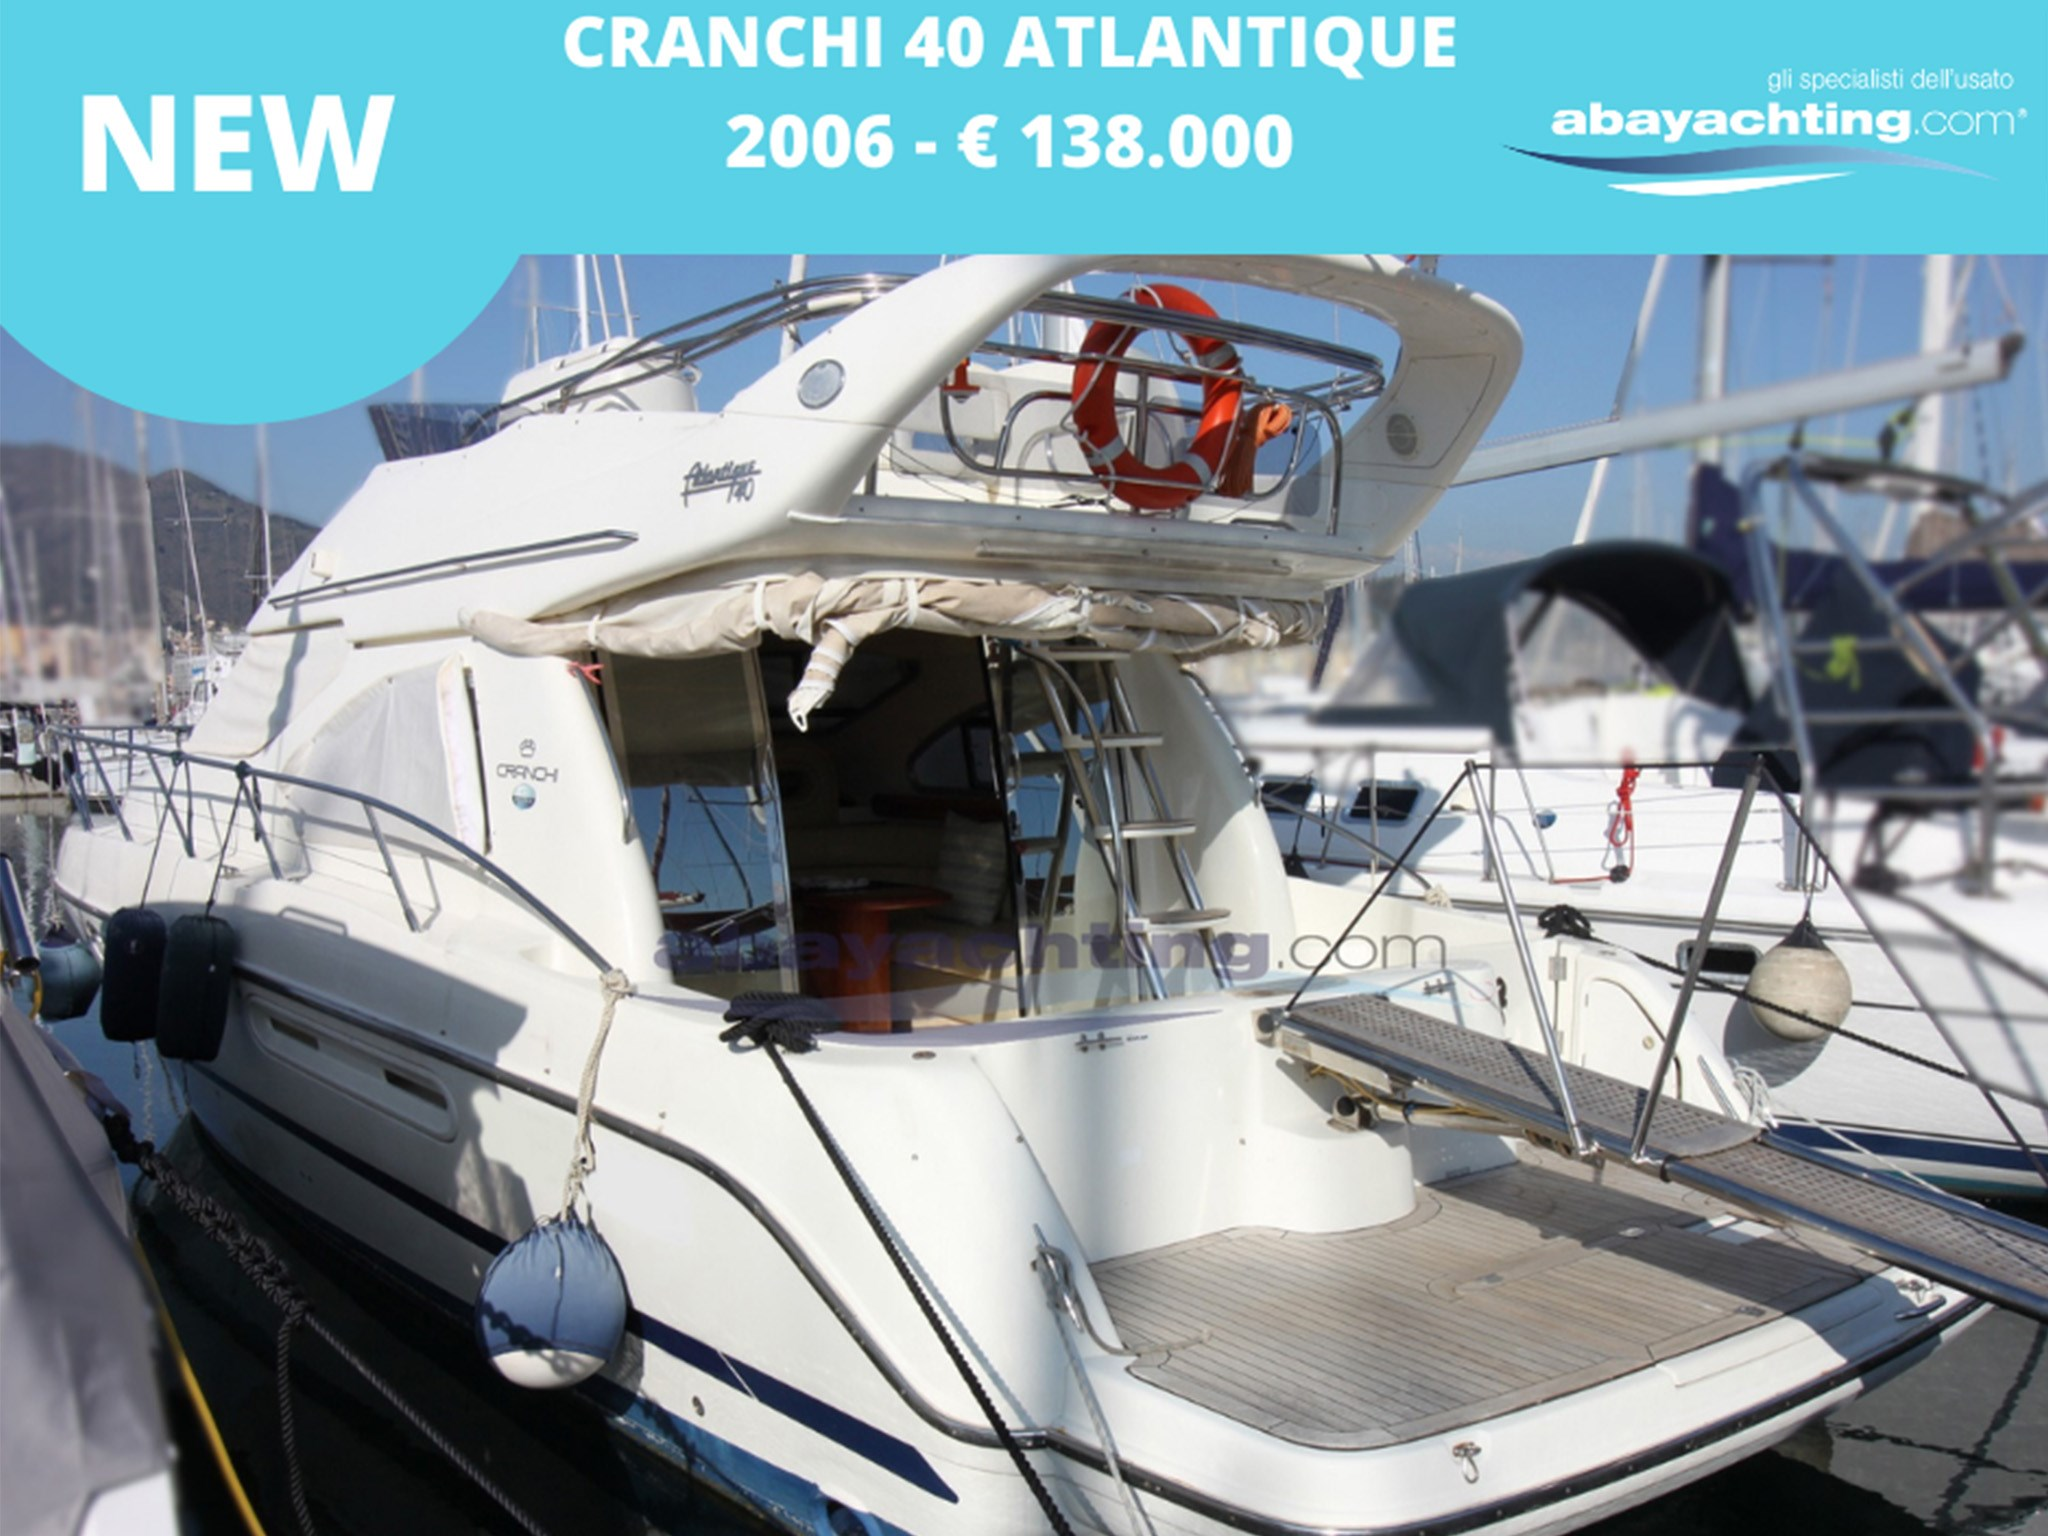 New arrival Cranchi 40 Atlantique